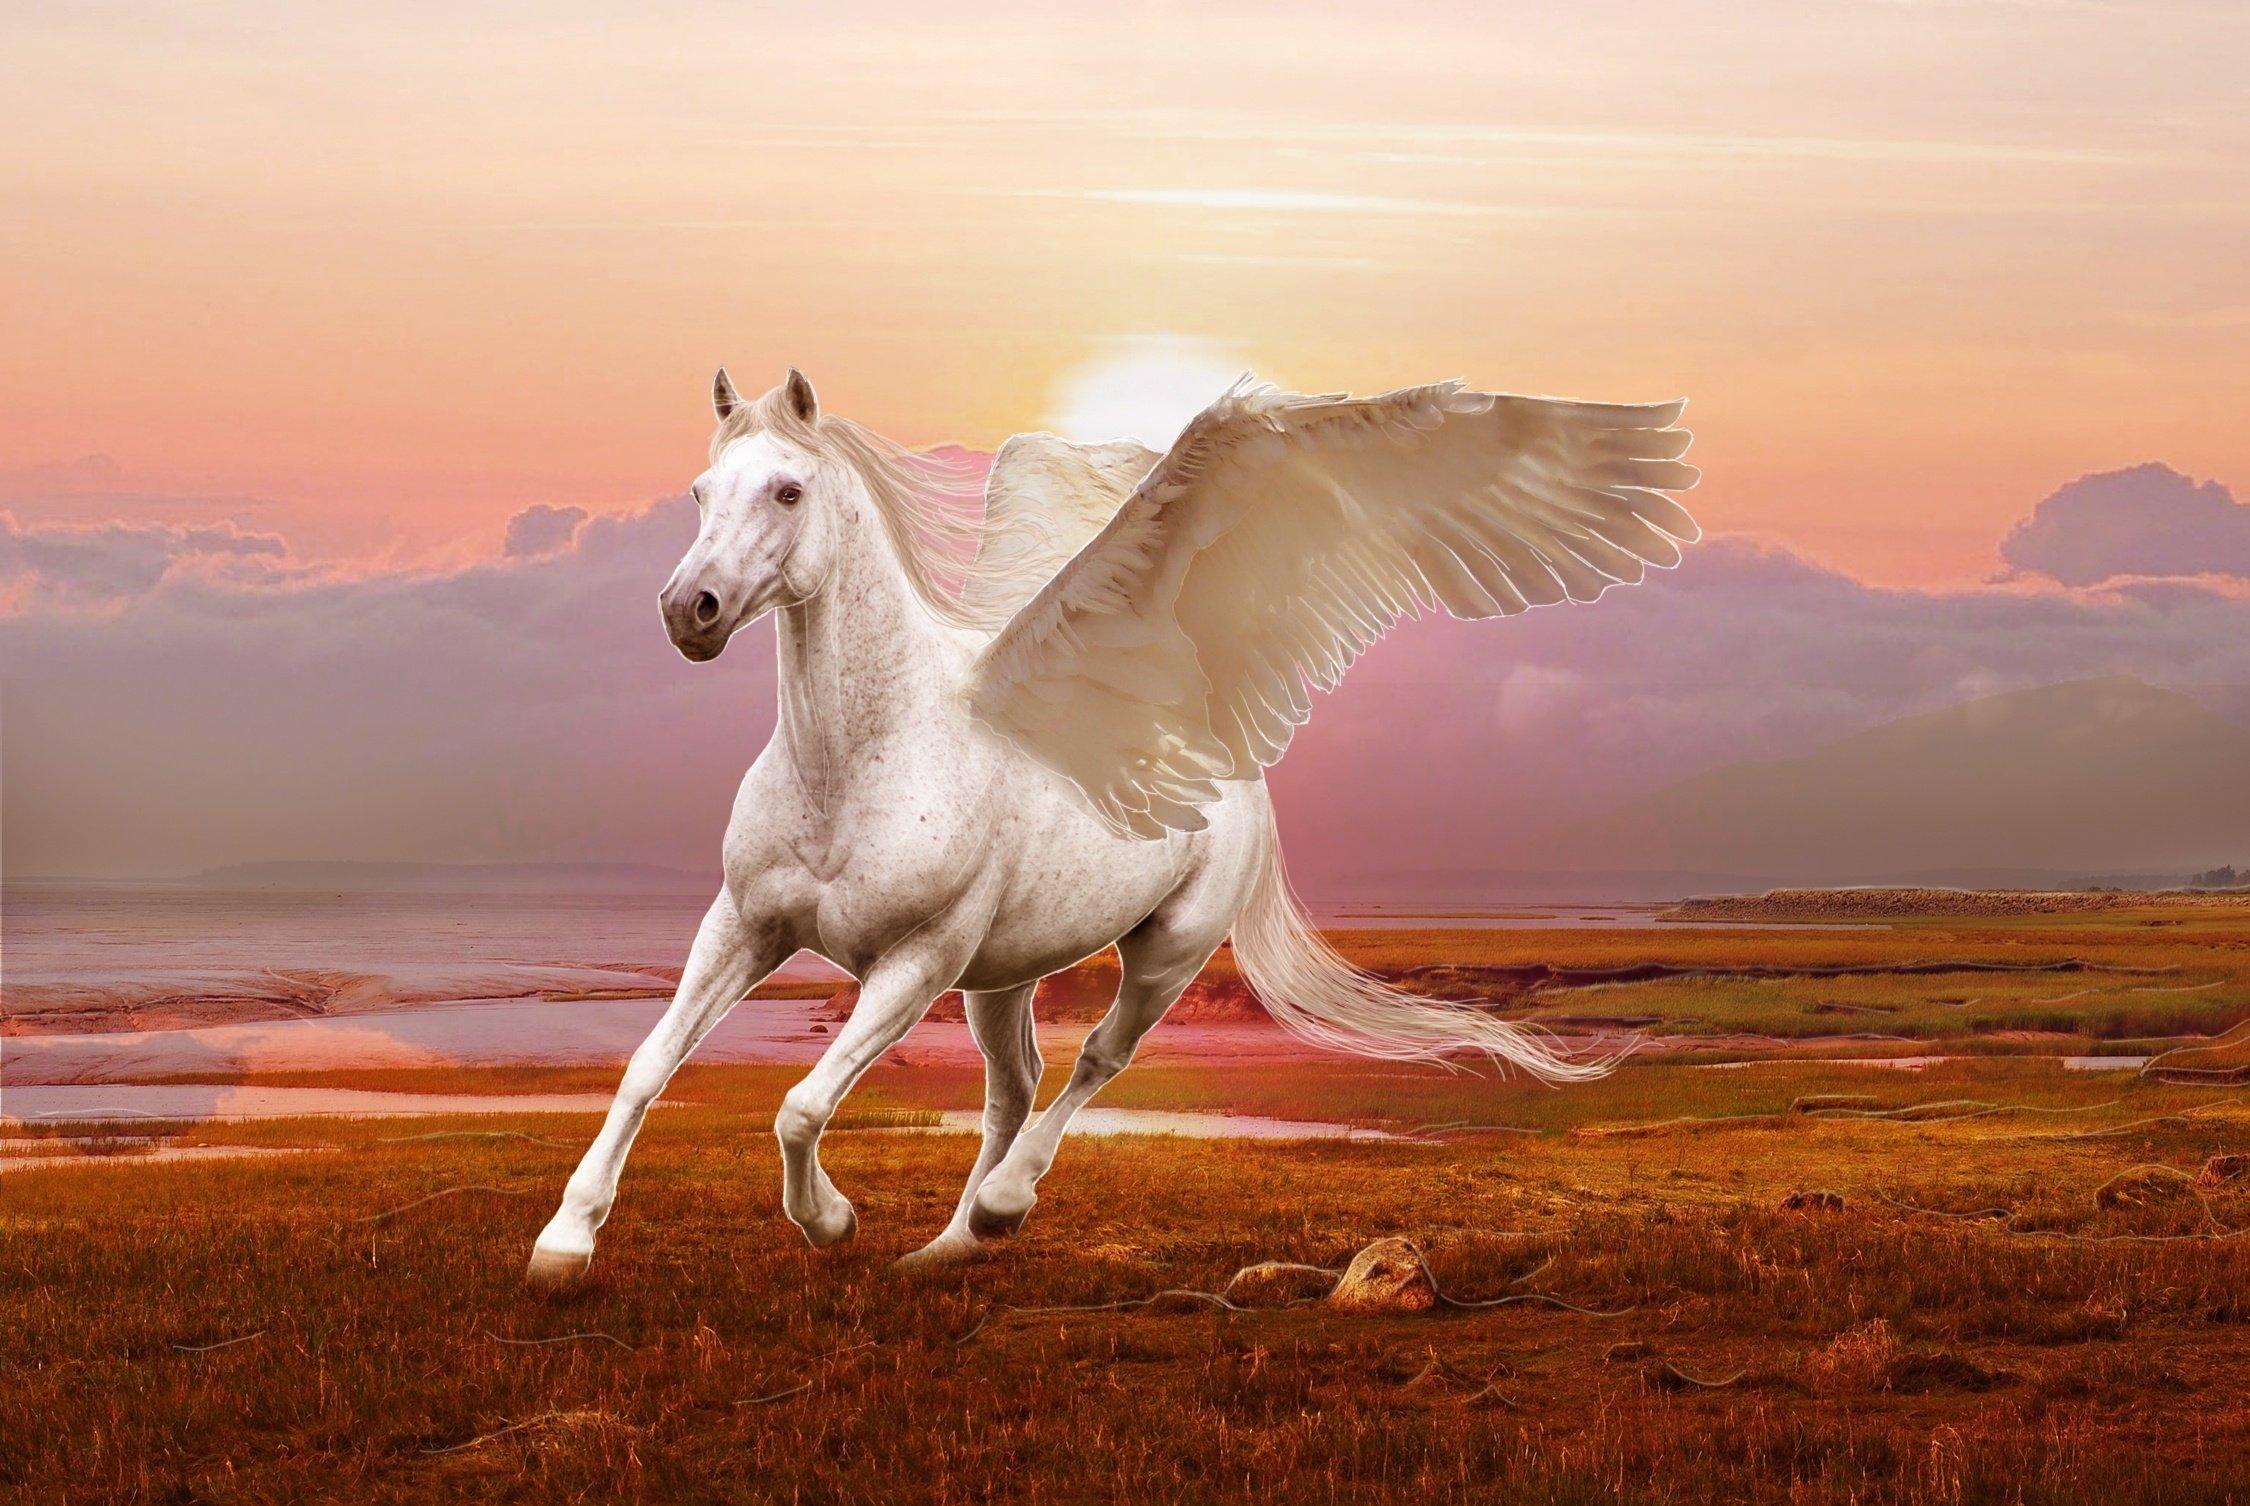 Winged Horse Pegasus 3d Art Wallpaper 3d Horse Wallpaper Hd 2250x1506 Download Hd Wallpaper Wallpapertip